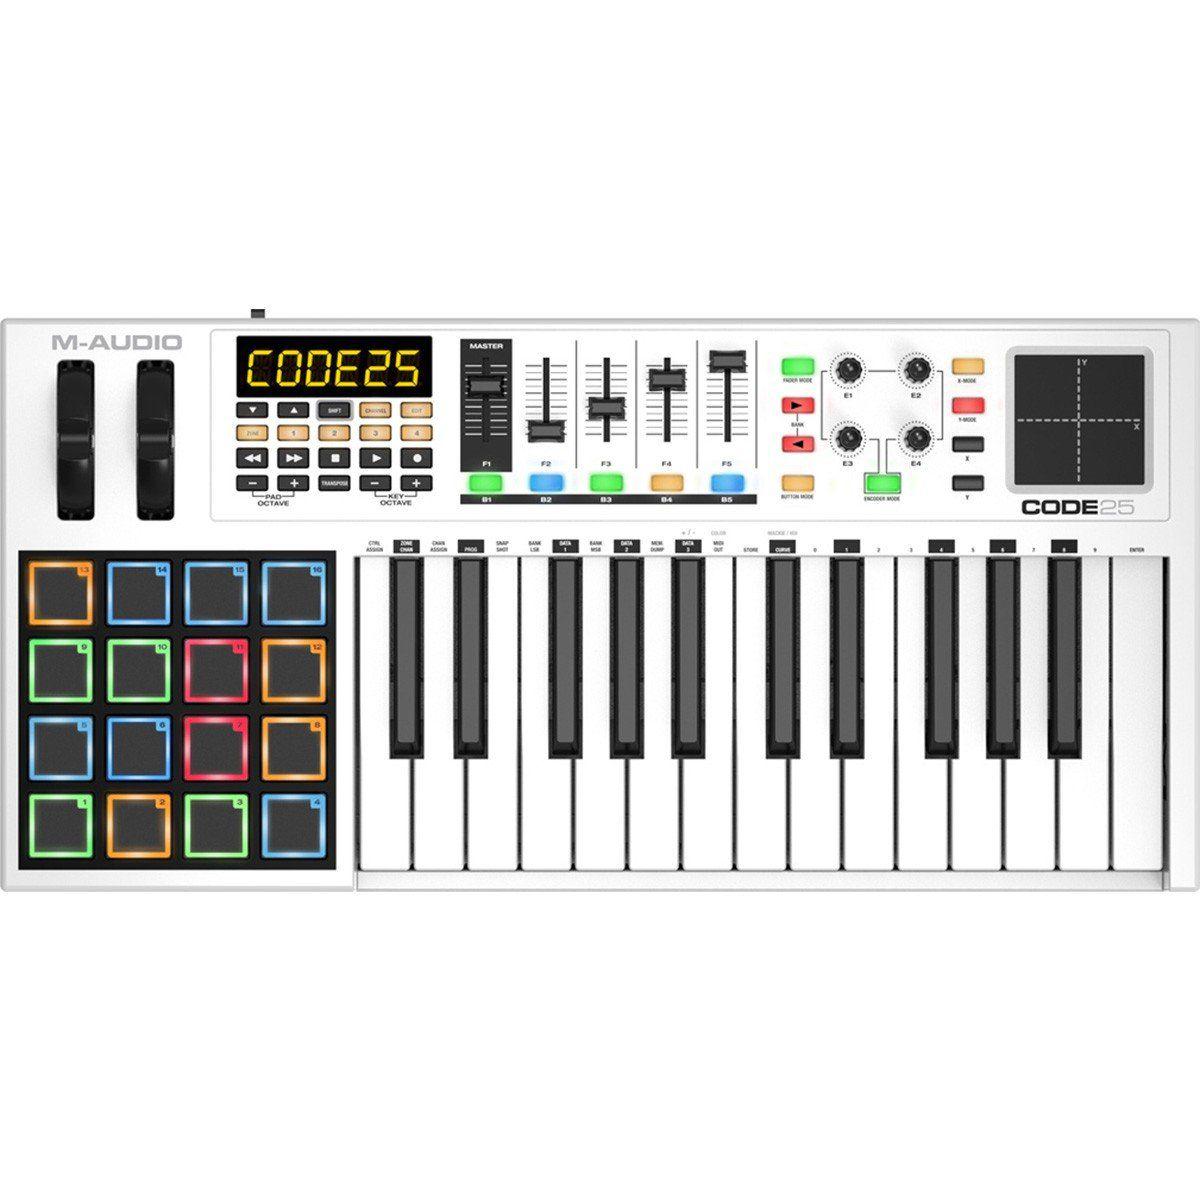 M-Audio Code 25 Controladora Midi para Produção Musical e Performances